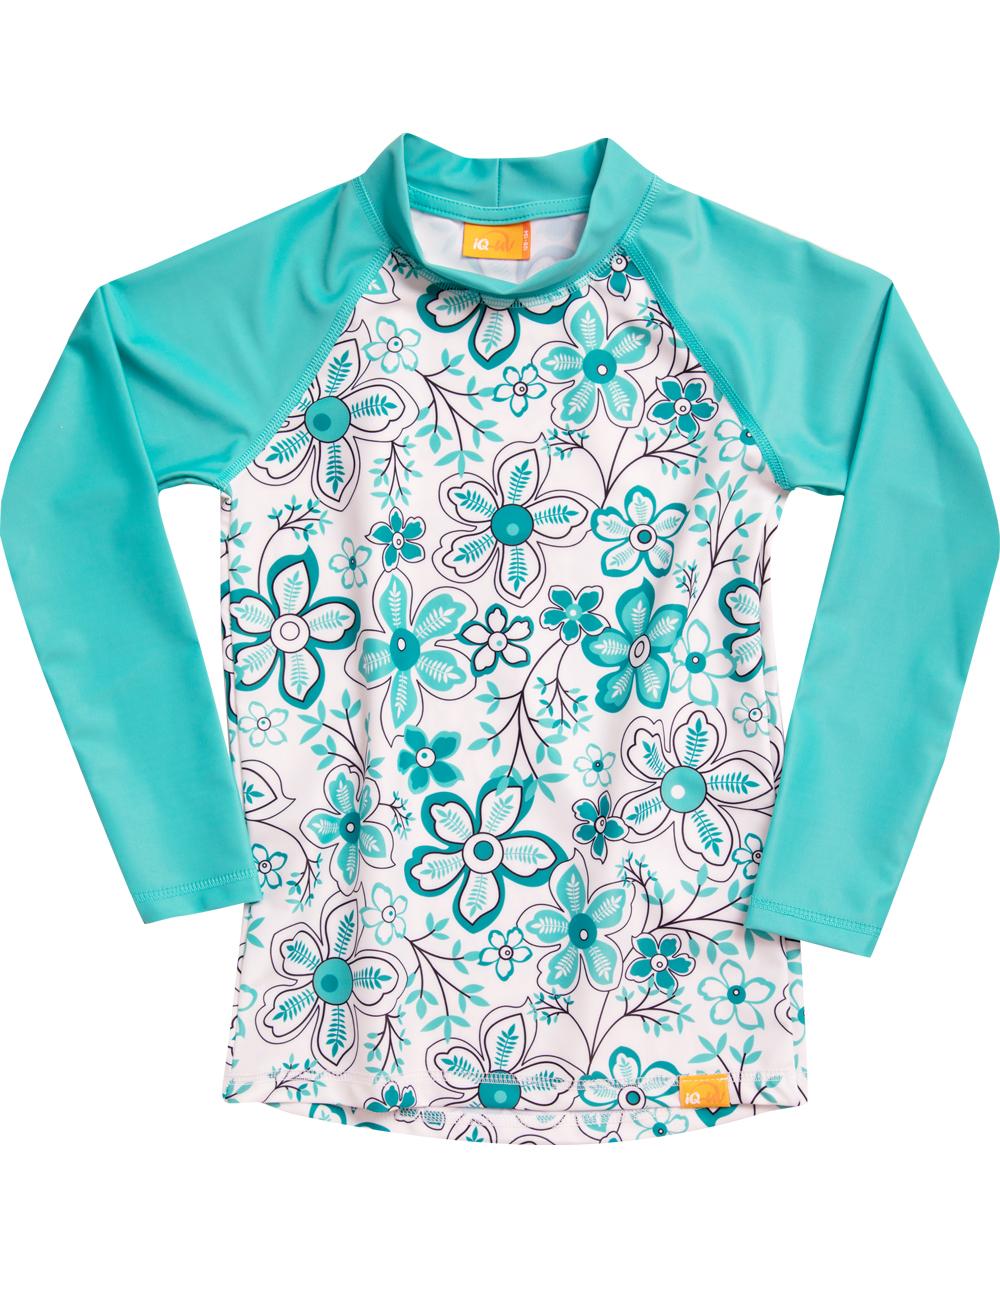 UV Shirt für Kinder | UV Schutzkleidung Kinder mit ...